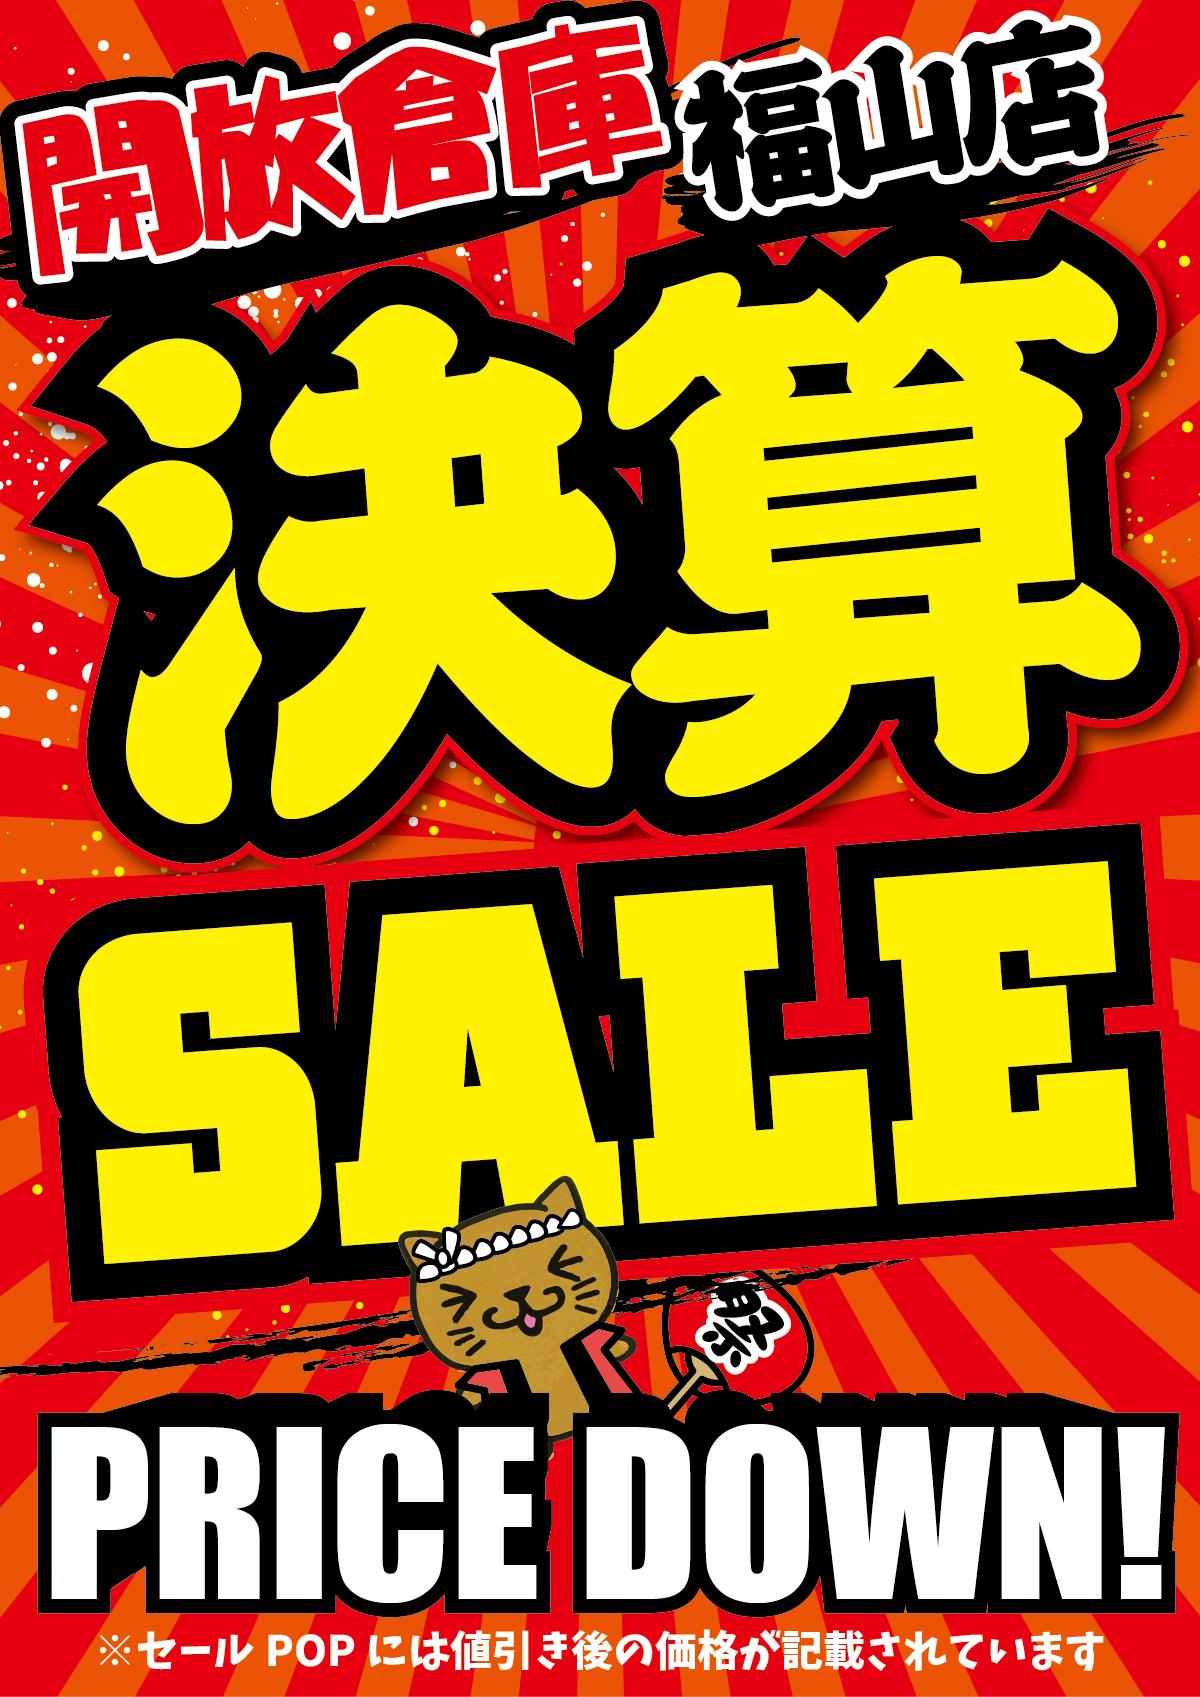 「開放倉庫福山店」決算セール開催中!!※セールPOPには値引き後の価格がきさいされています!!